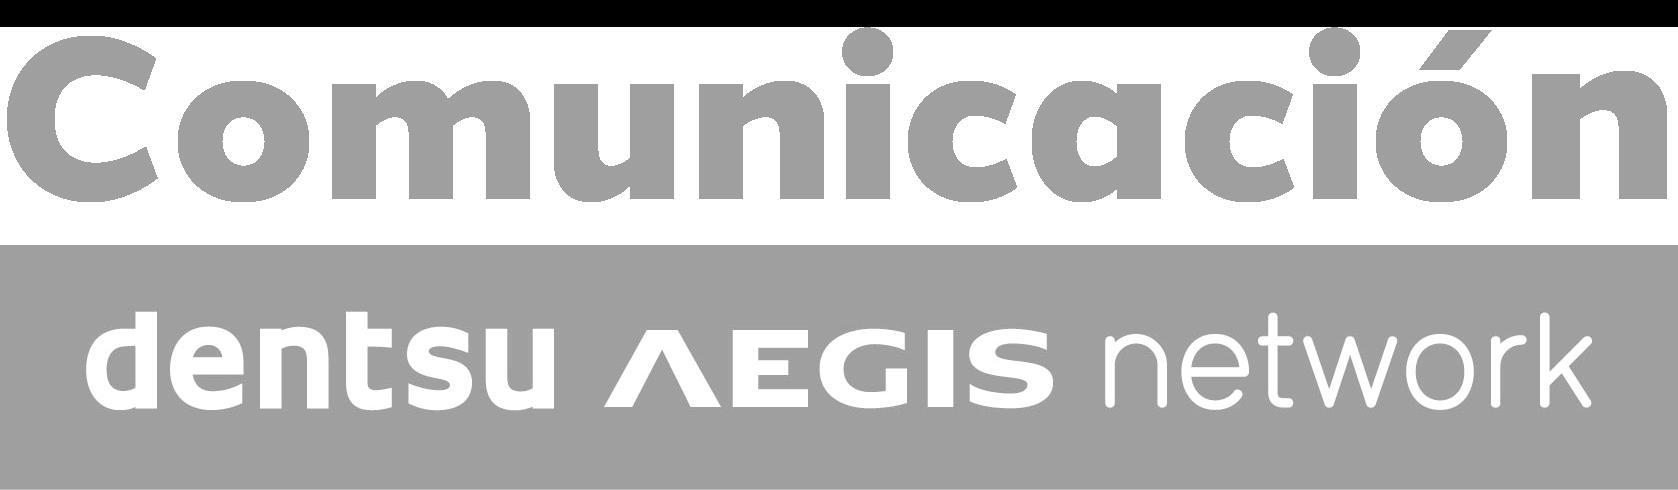 DAN Comunicación logo